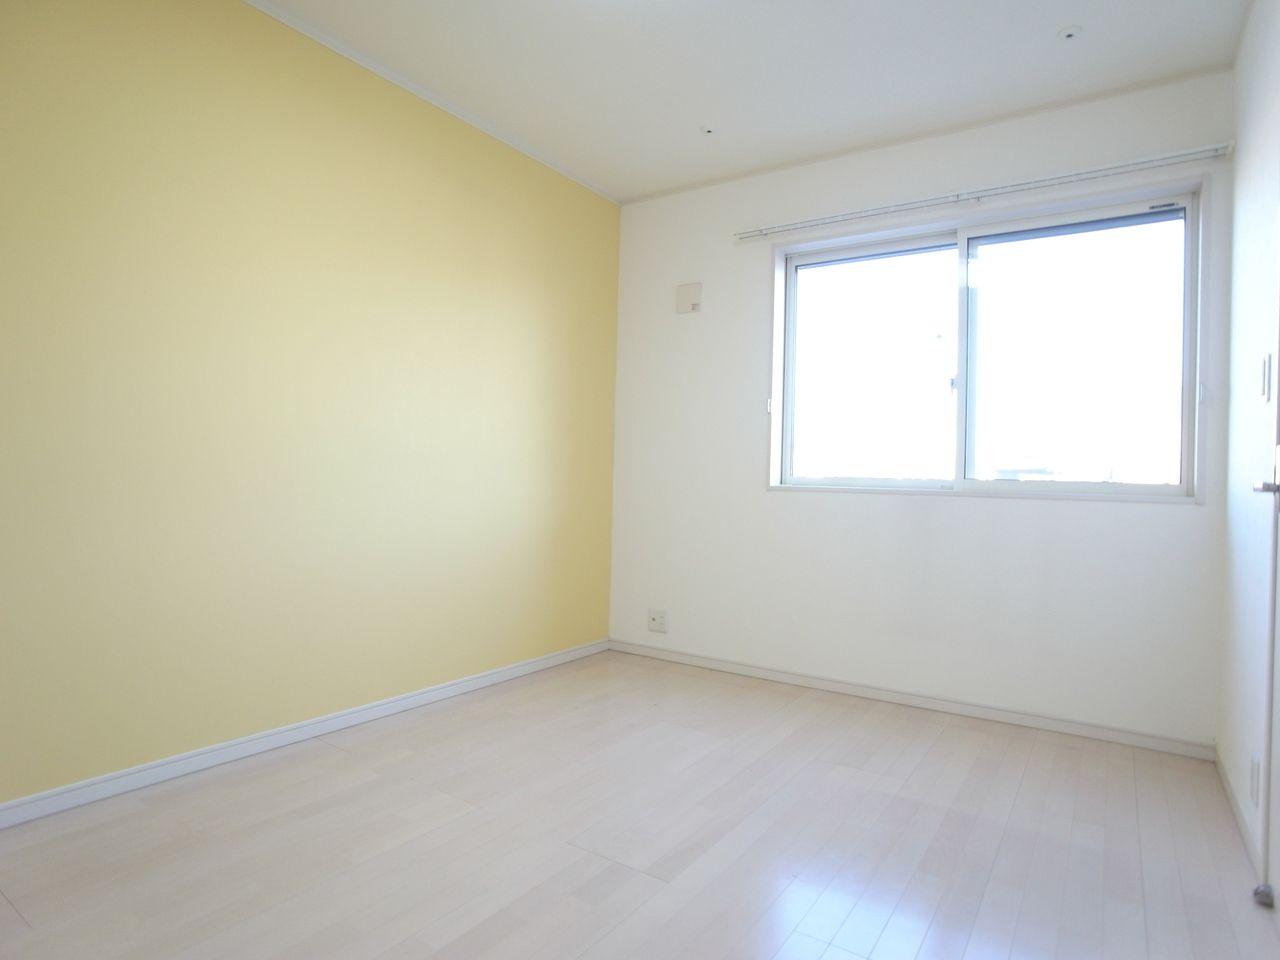 床が白い色味だから明るさが増すイメージ